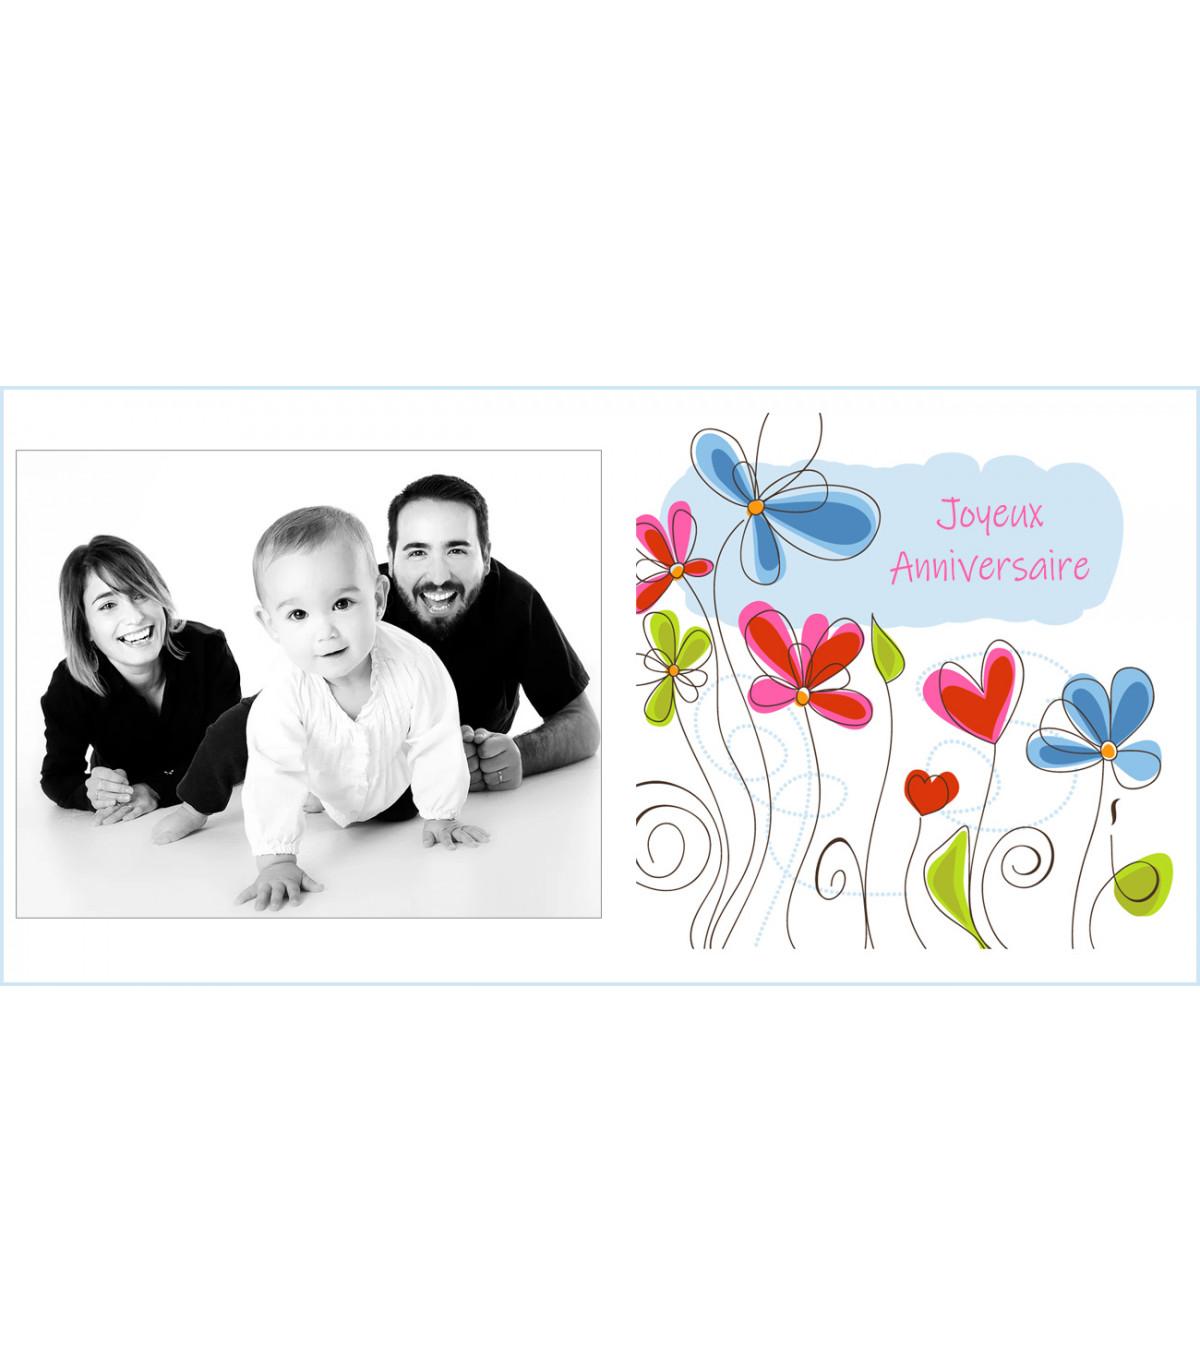 Votre carte postale personnalisée haut de gamme envoyée pour